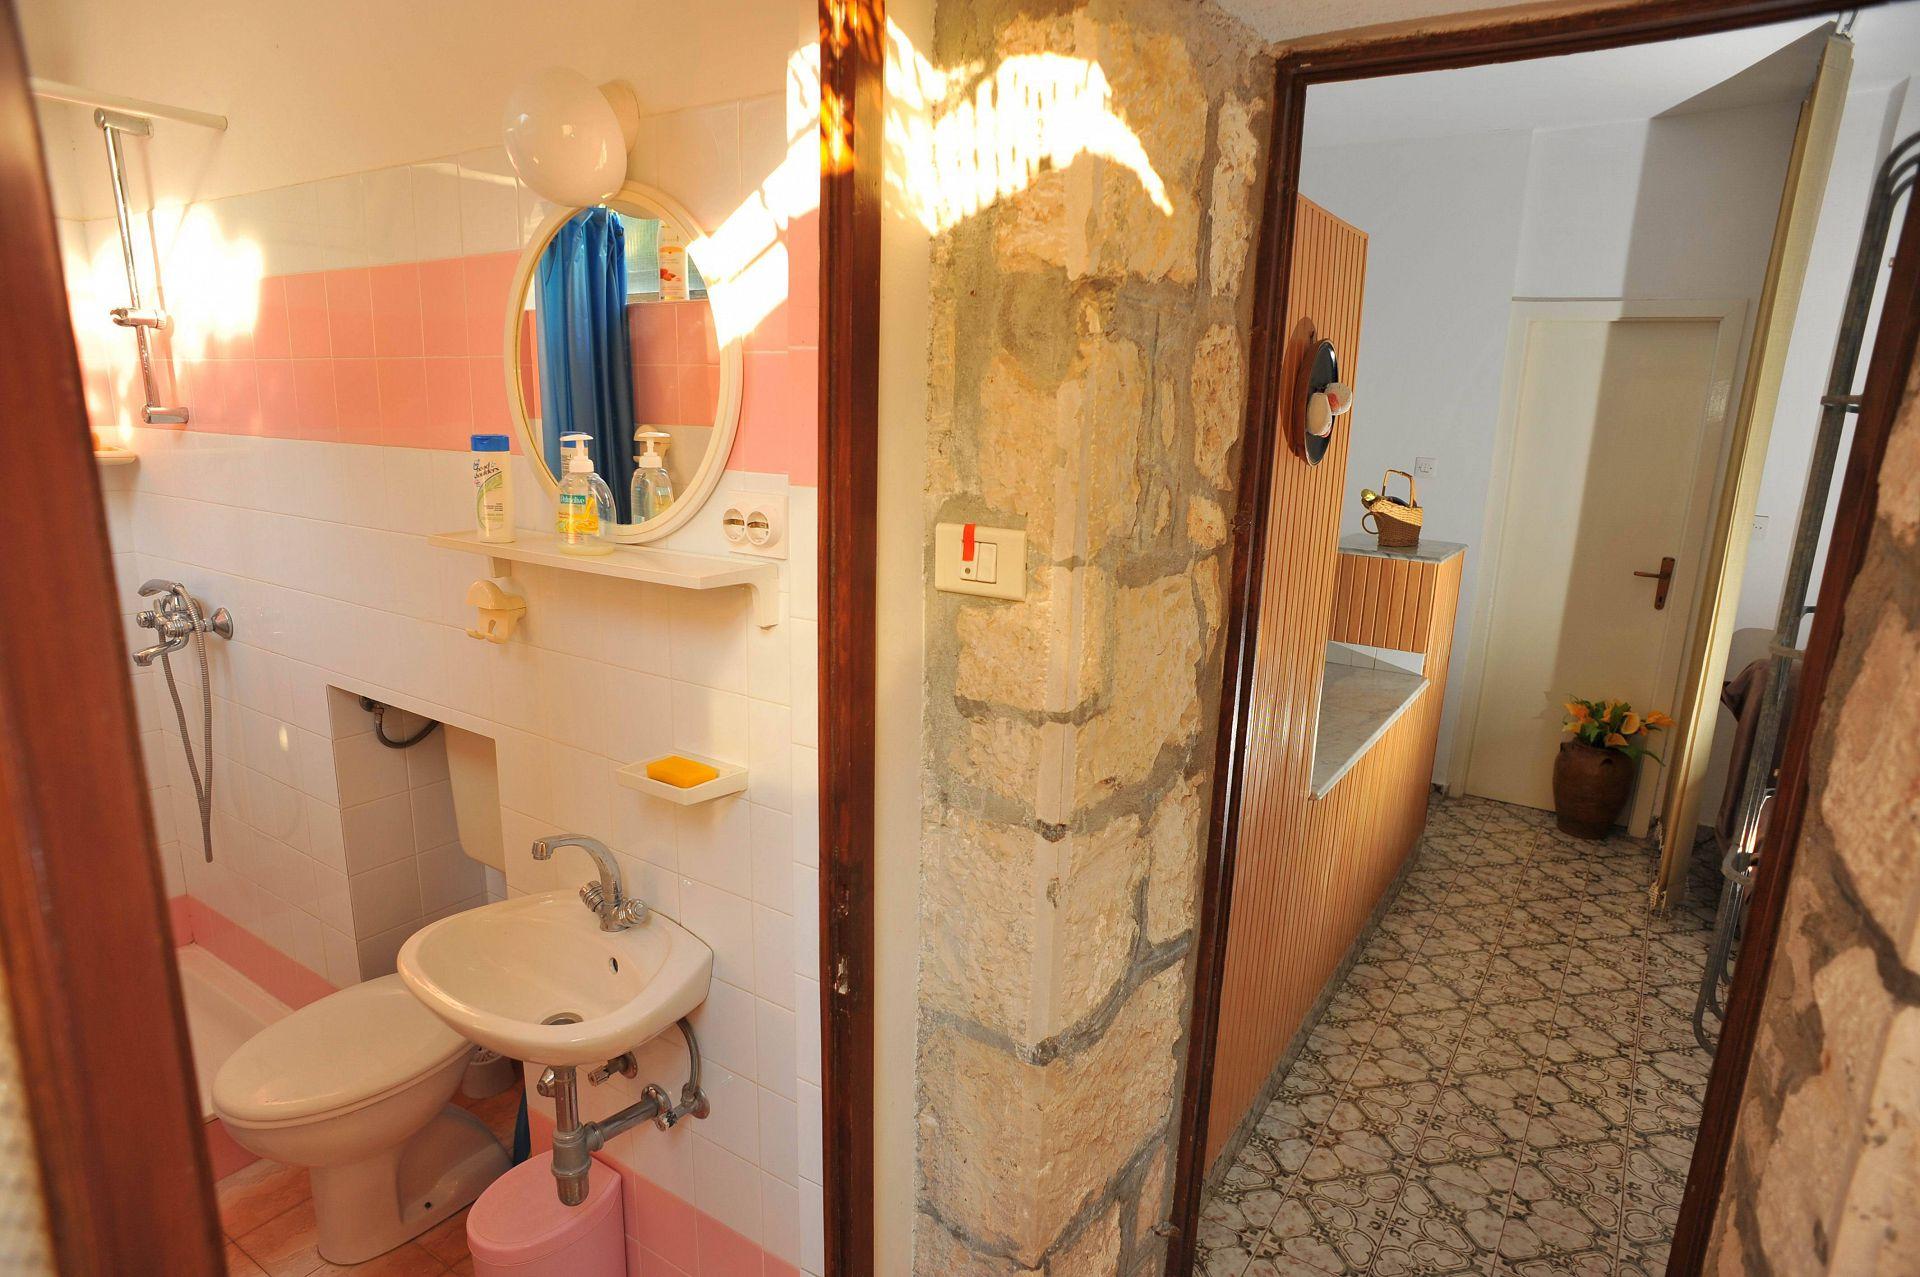 01501SUTI - Sutivan - Appartements Croatie - SA4(2+1): salle de bain W-C